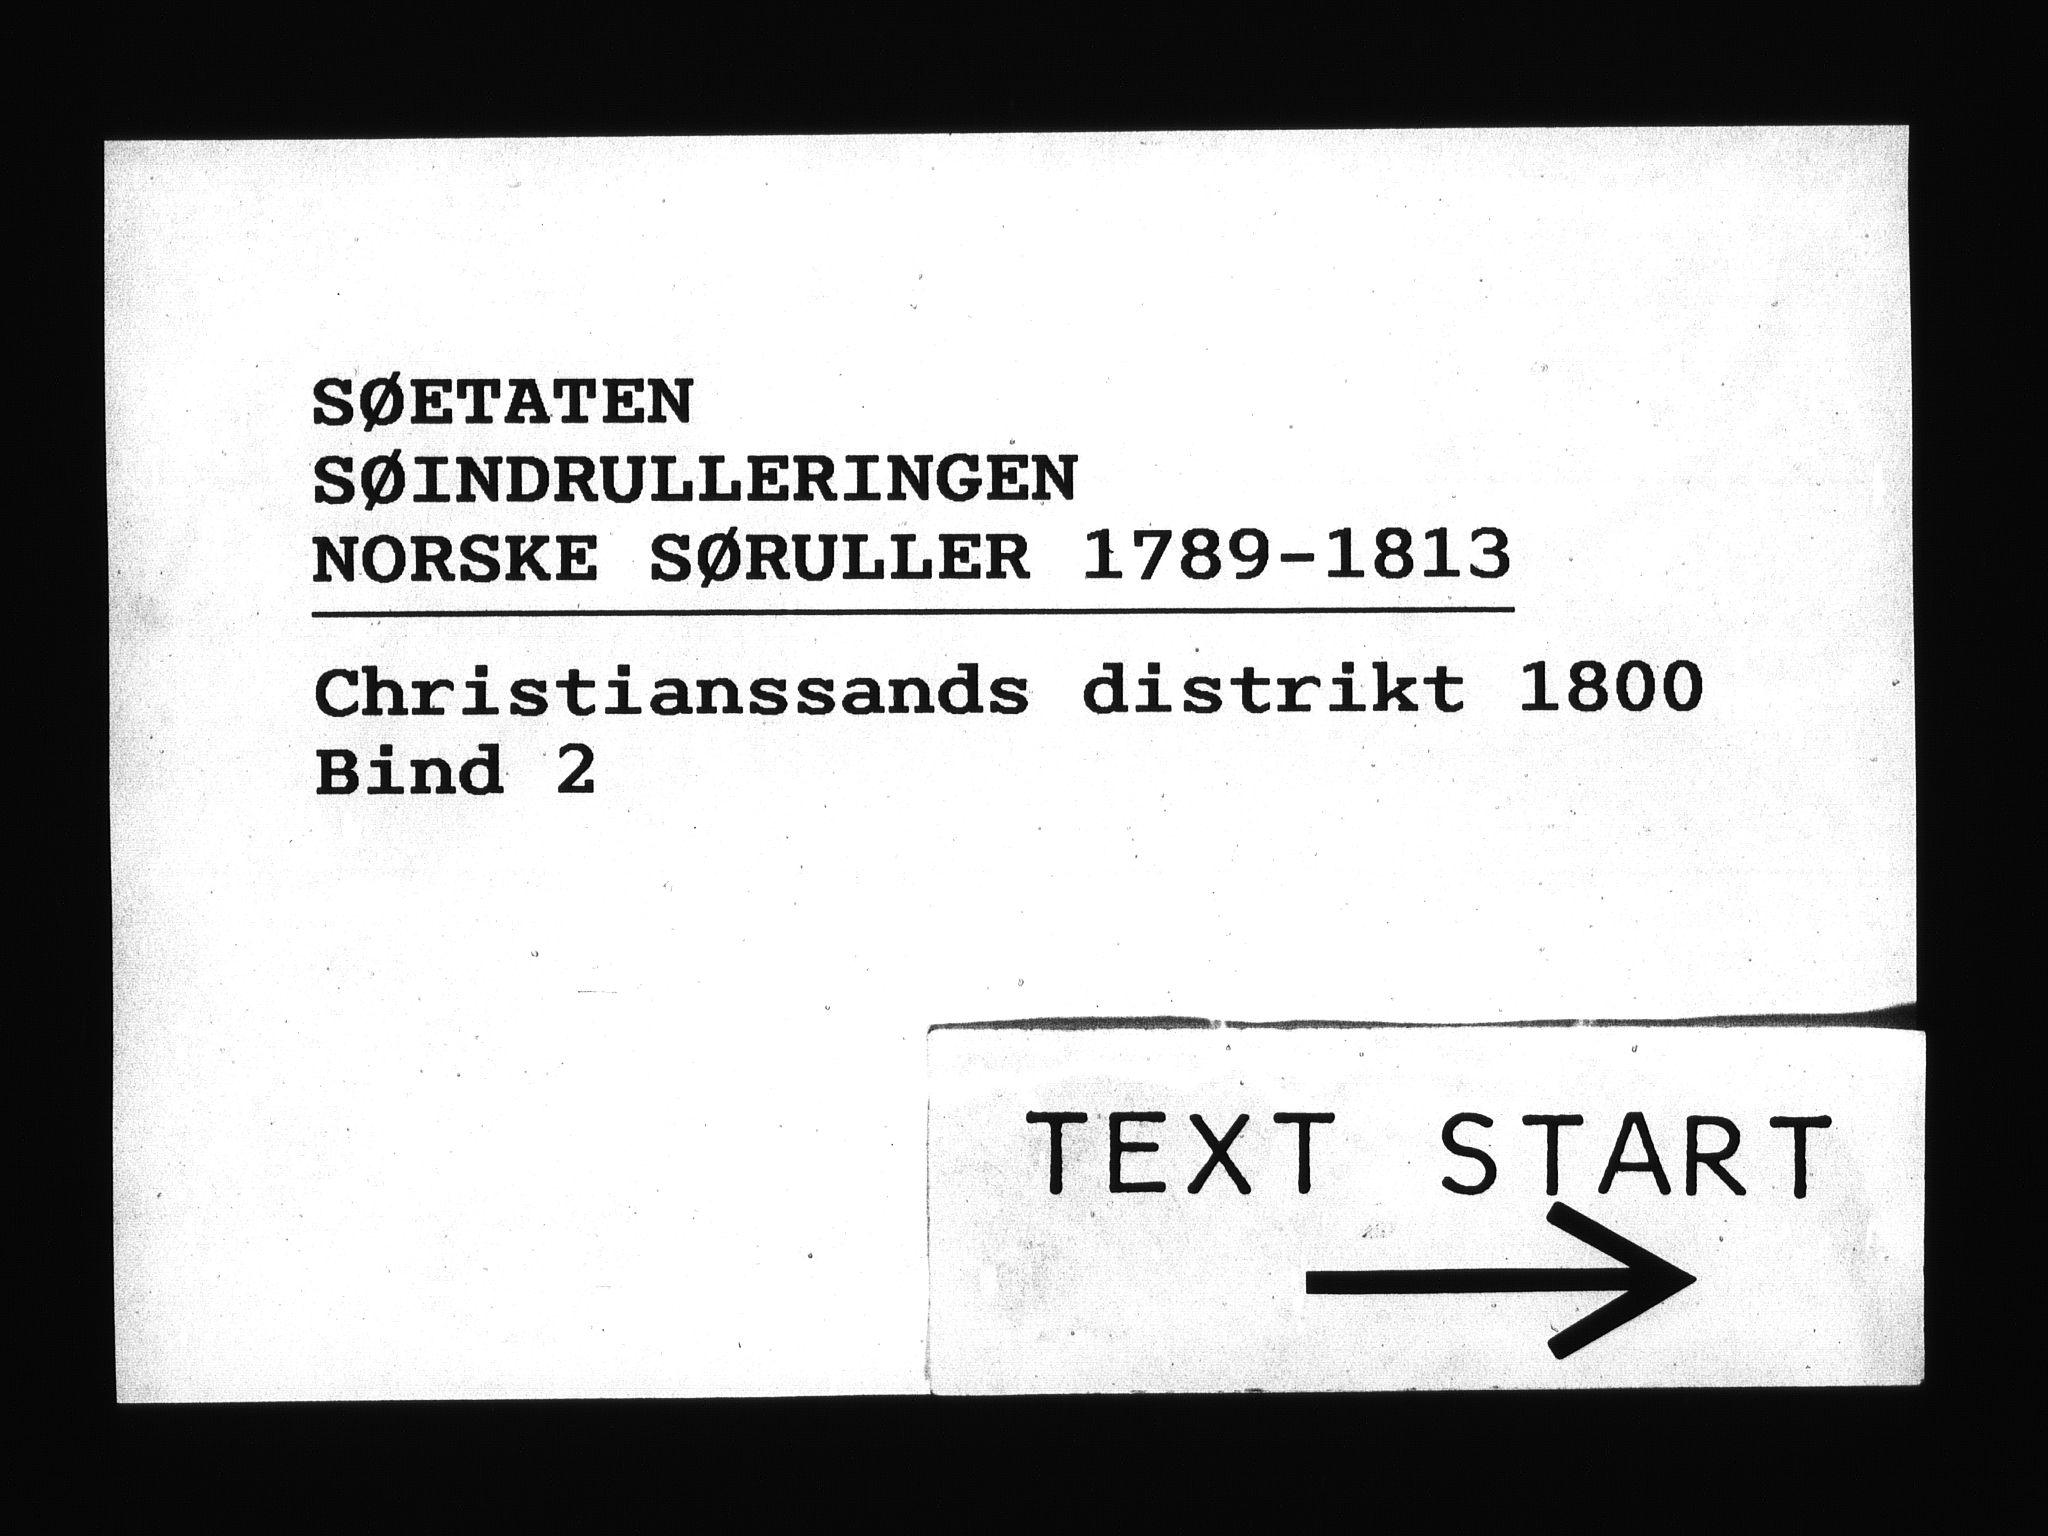 RA, Sjøetaten, F/L0037: Kristiansand distrikt, bind 2, 1800